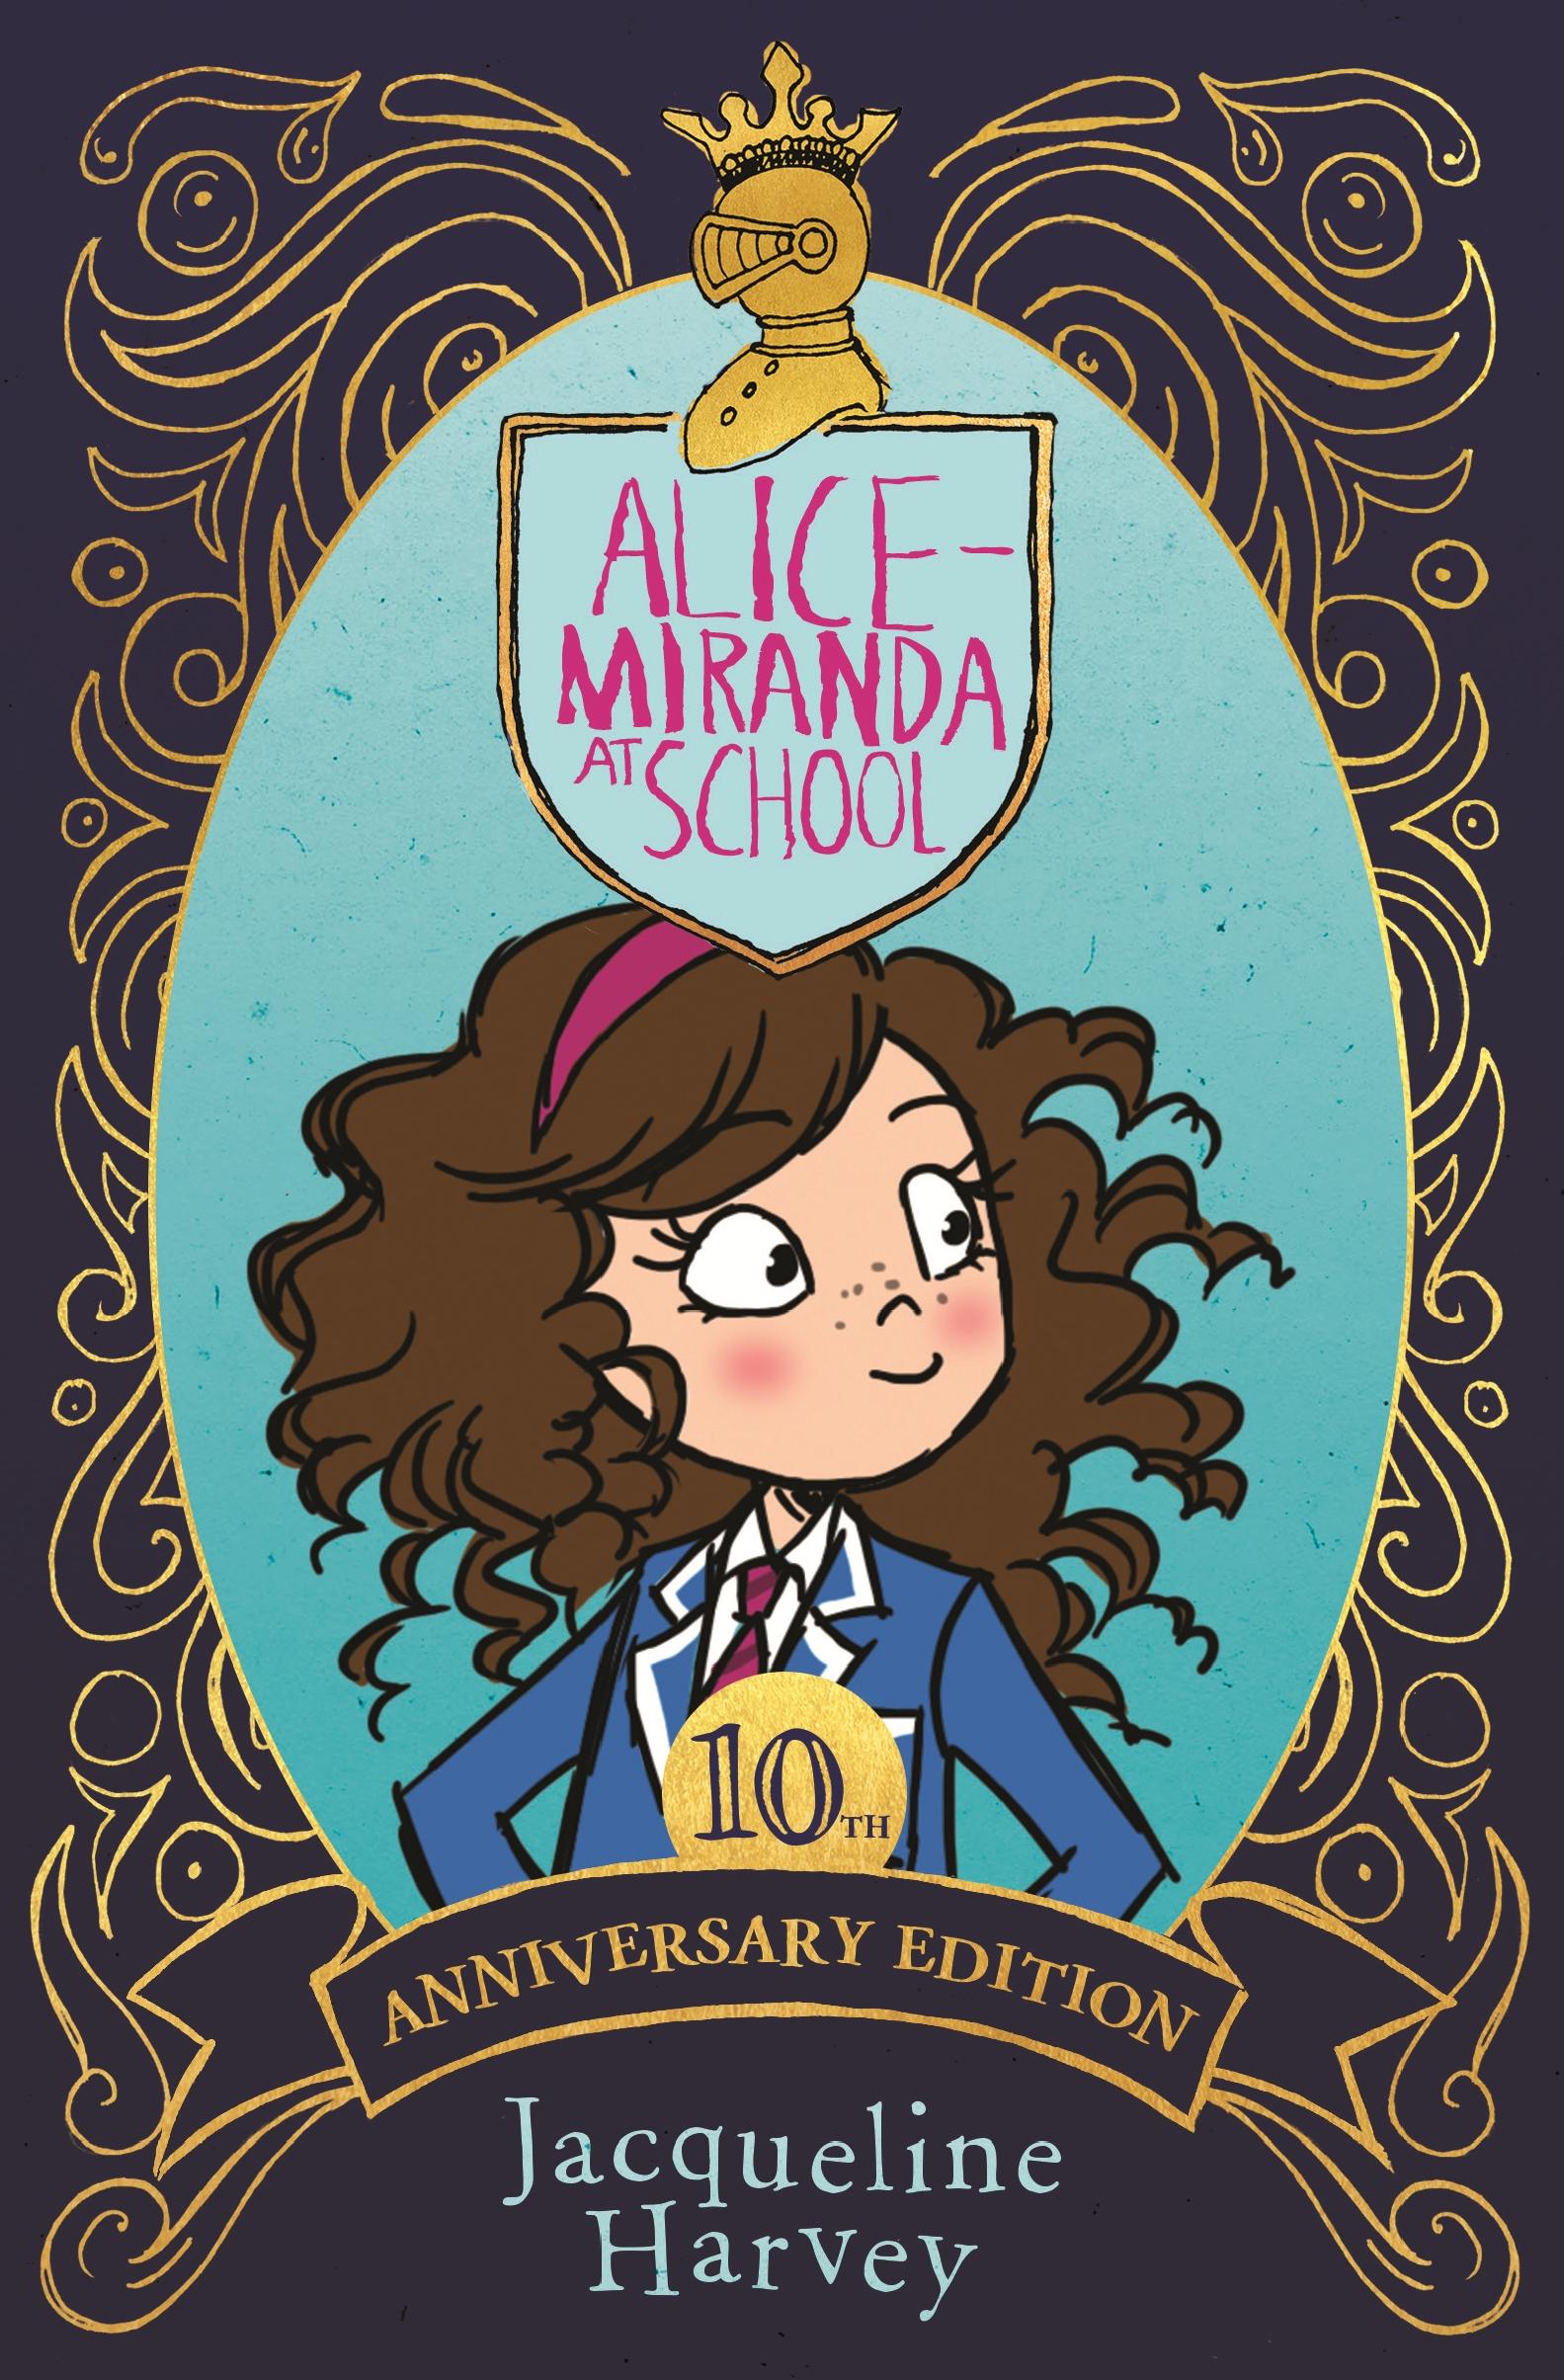 Alice Miranda 10th anniversary